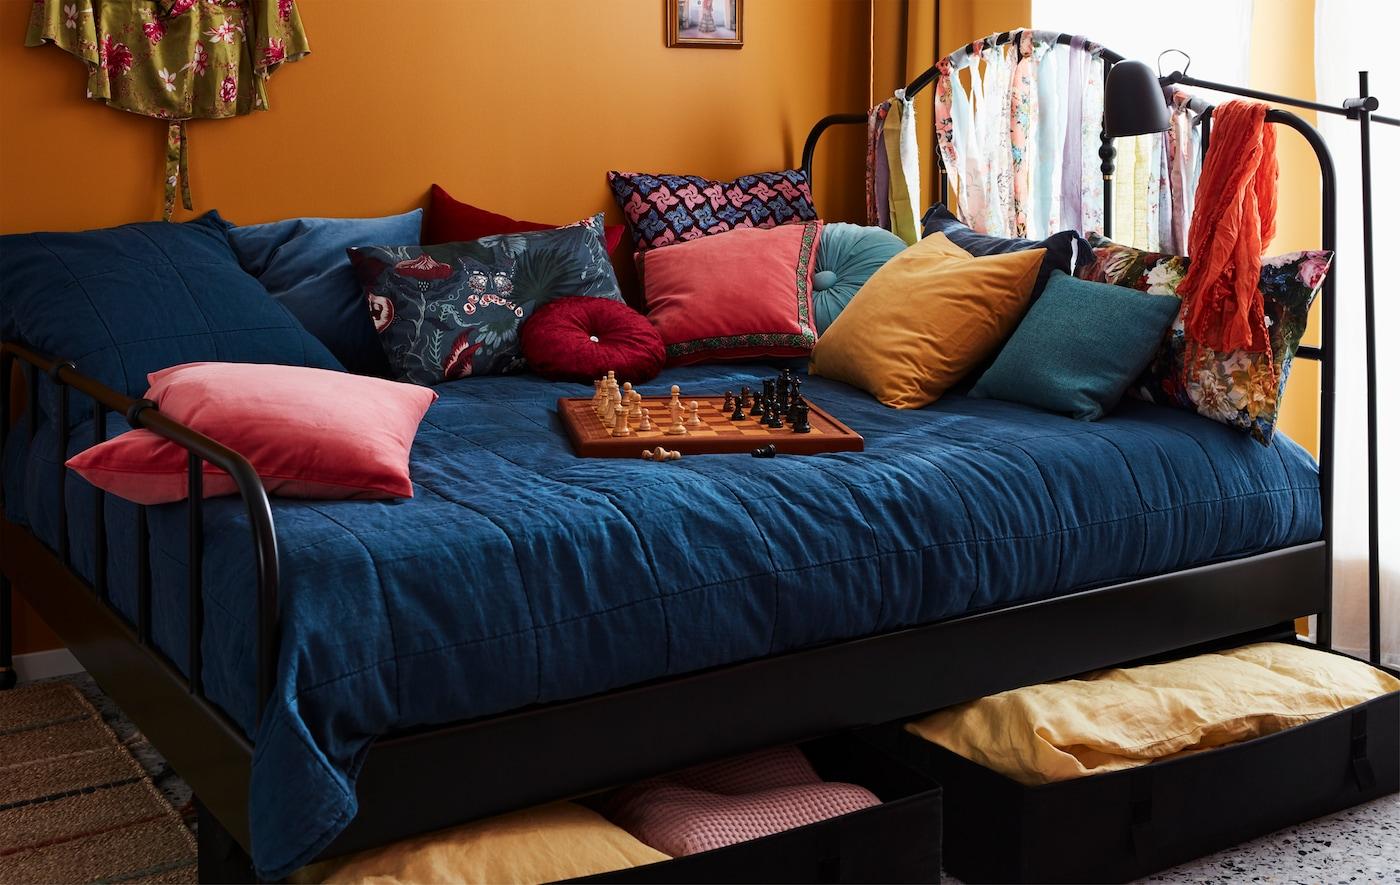 Bred seng redt med masser af farvestrålende puder og et skakbræt ovenpå. Sengetøj er opbevaret i sengeskuffer under sengen.